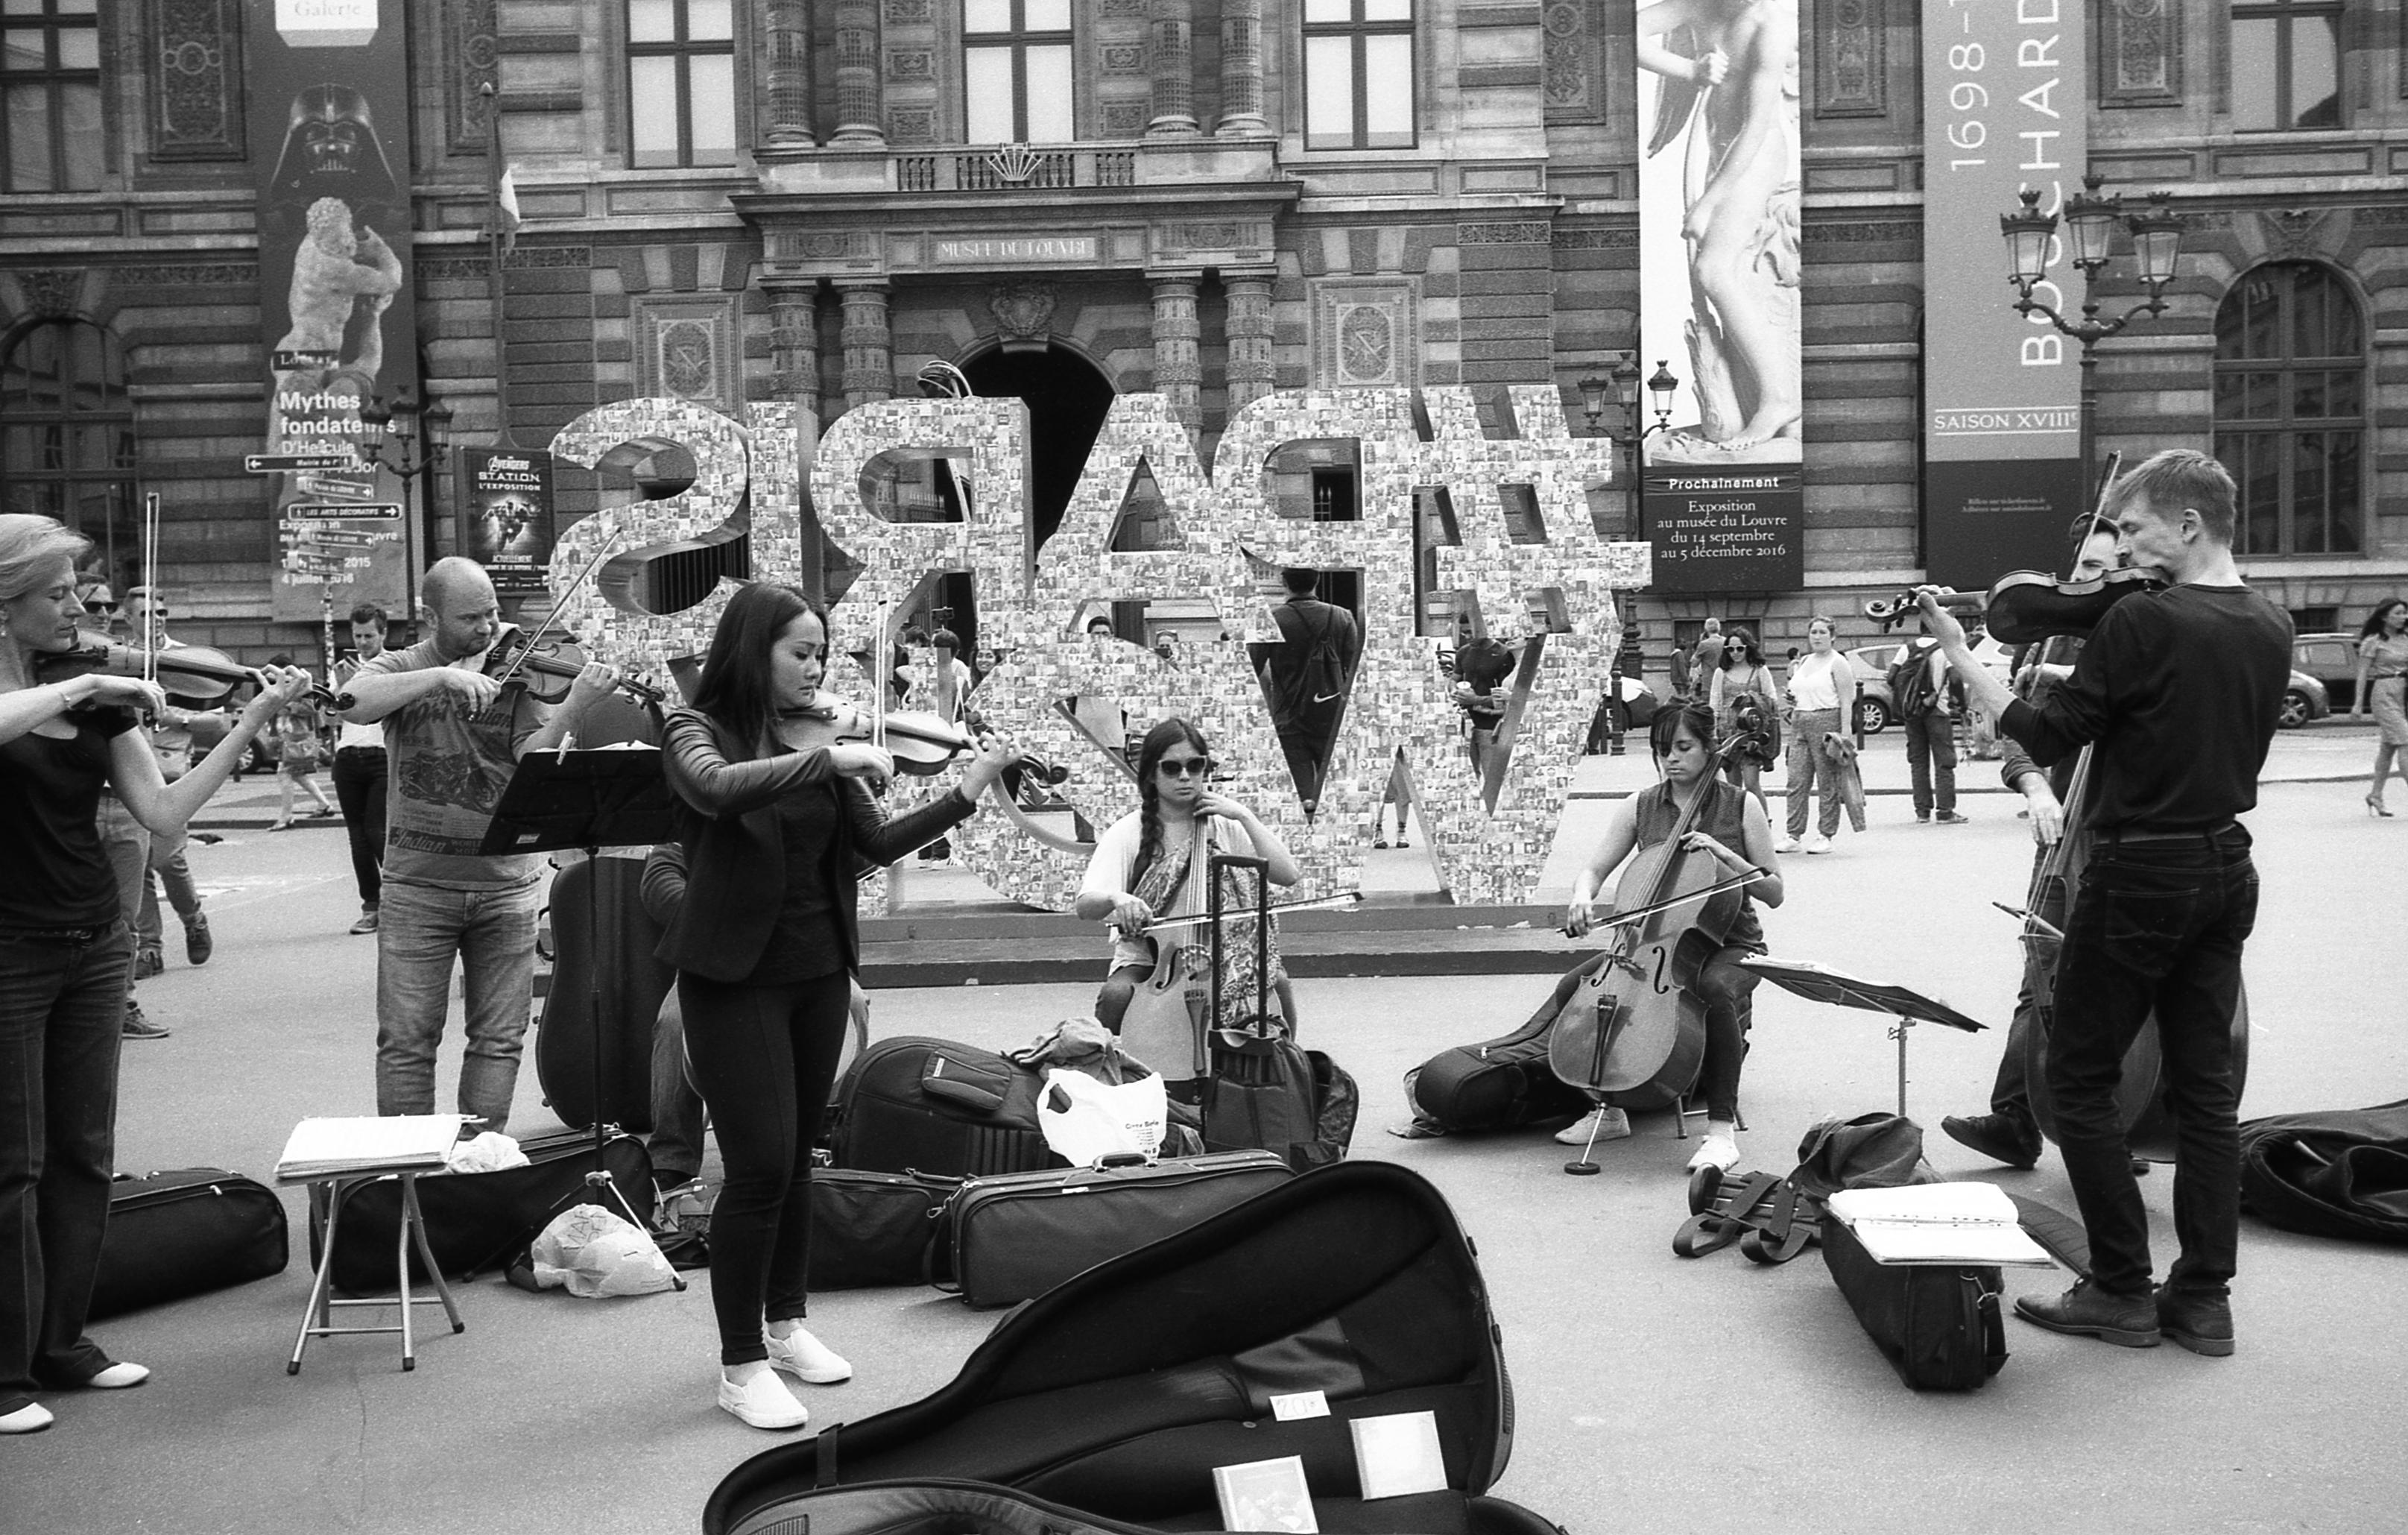 PUBLICADA 3.II.17 Músics tocant al carrer, a París, davant del museu del Louvre, any 2016. Leica M2223